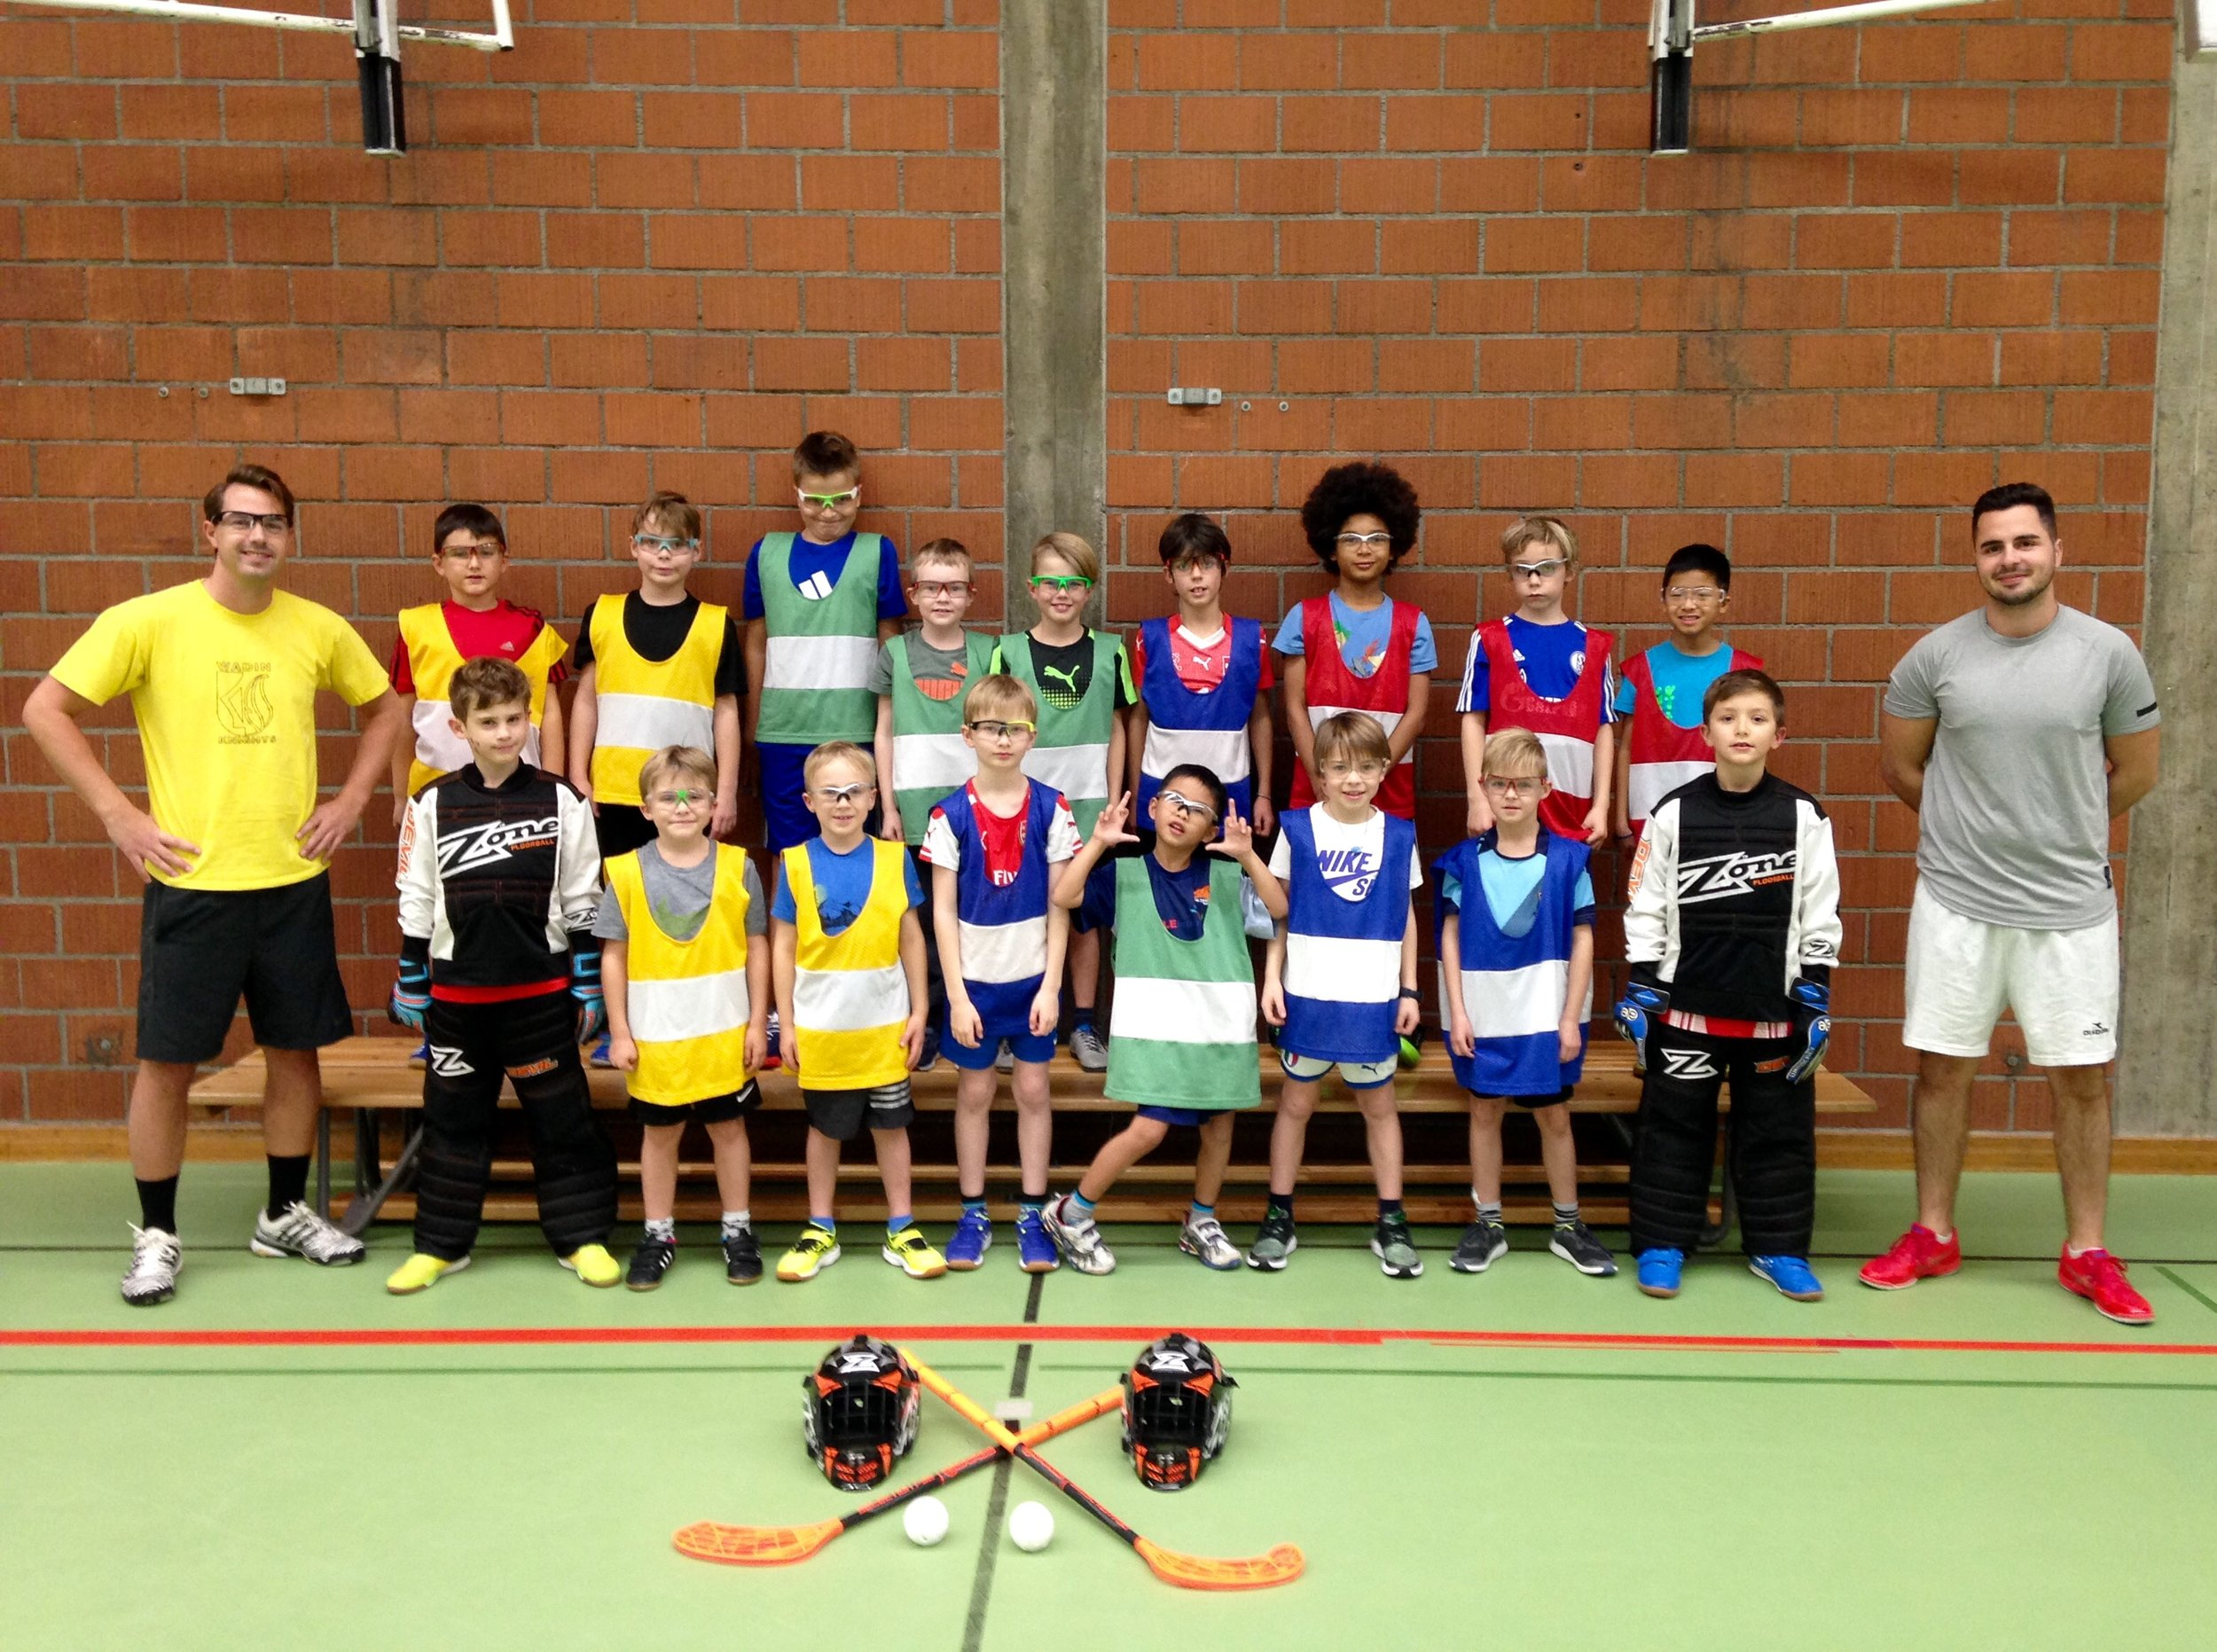 181128 Wadin Knights Bilder Unihockeyschule 5 Gruppe mit T.jpg